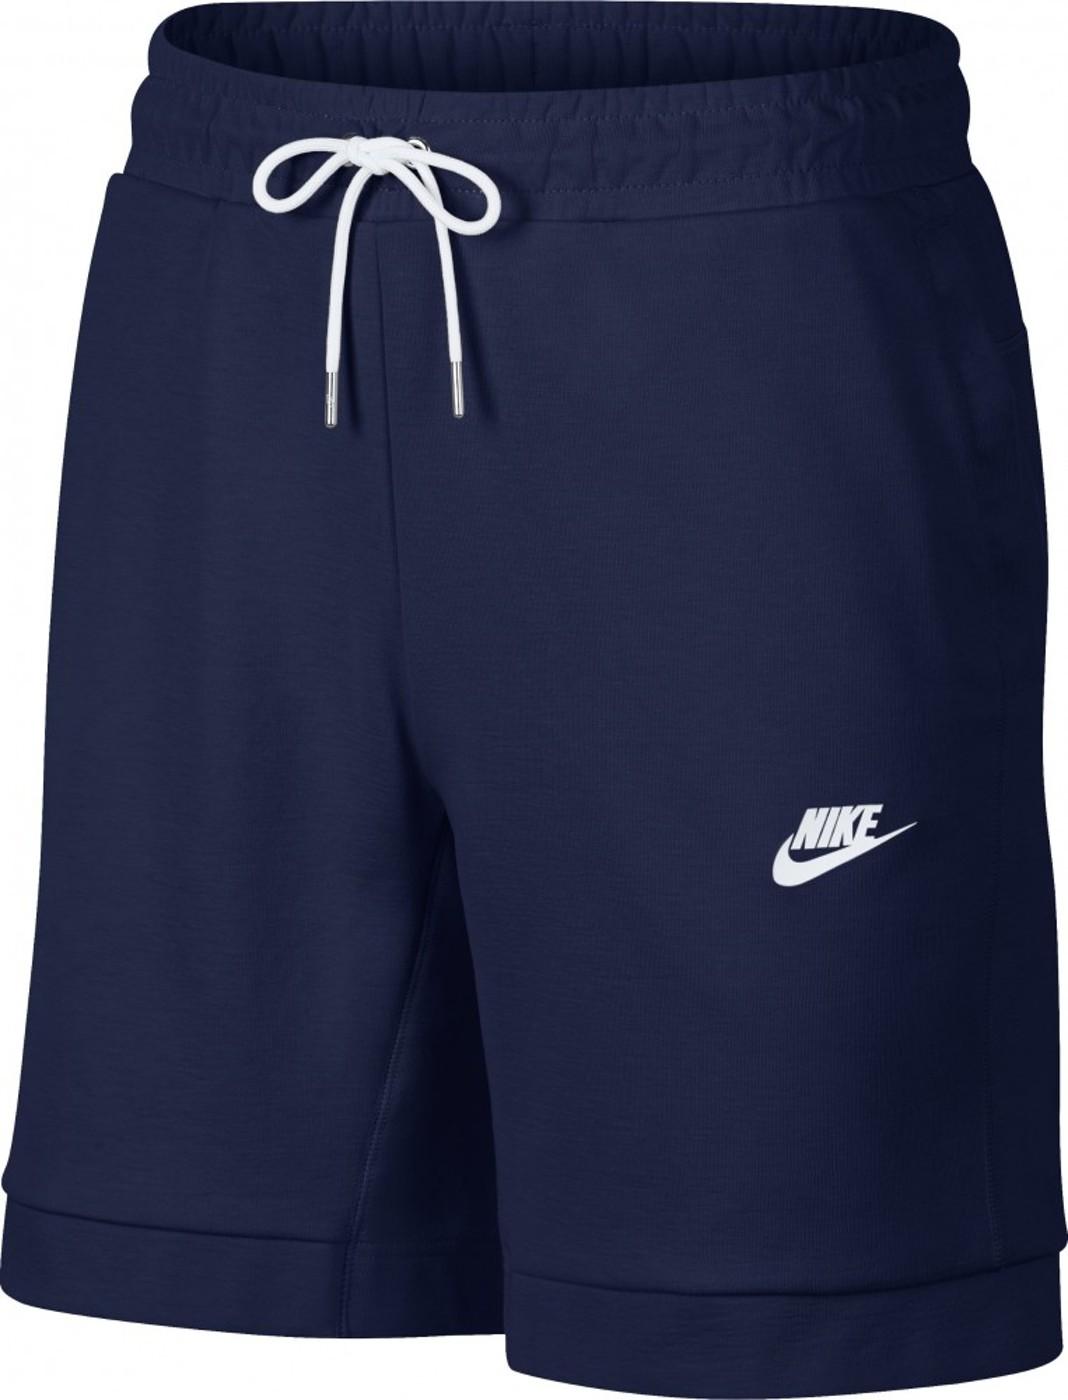 Nike Sportswear Fleece S - Herren